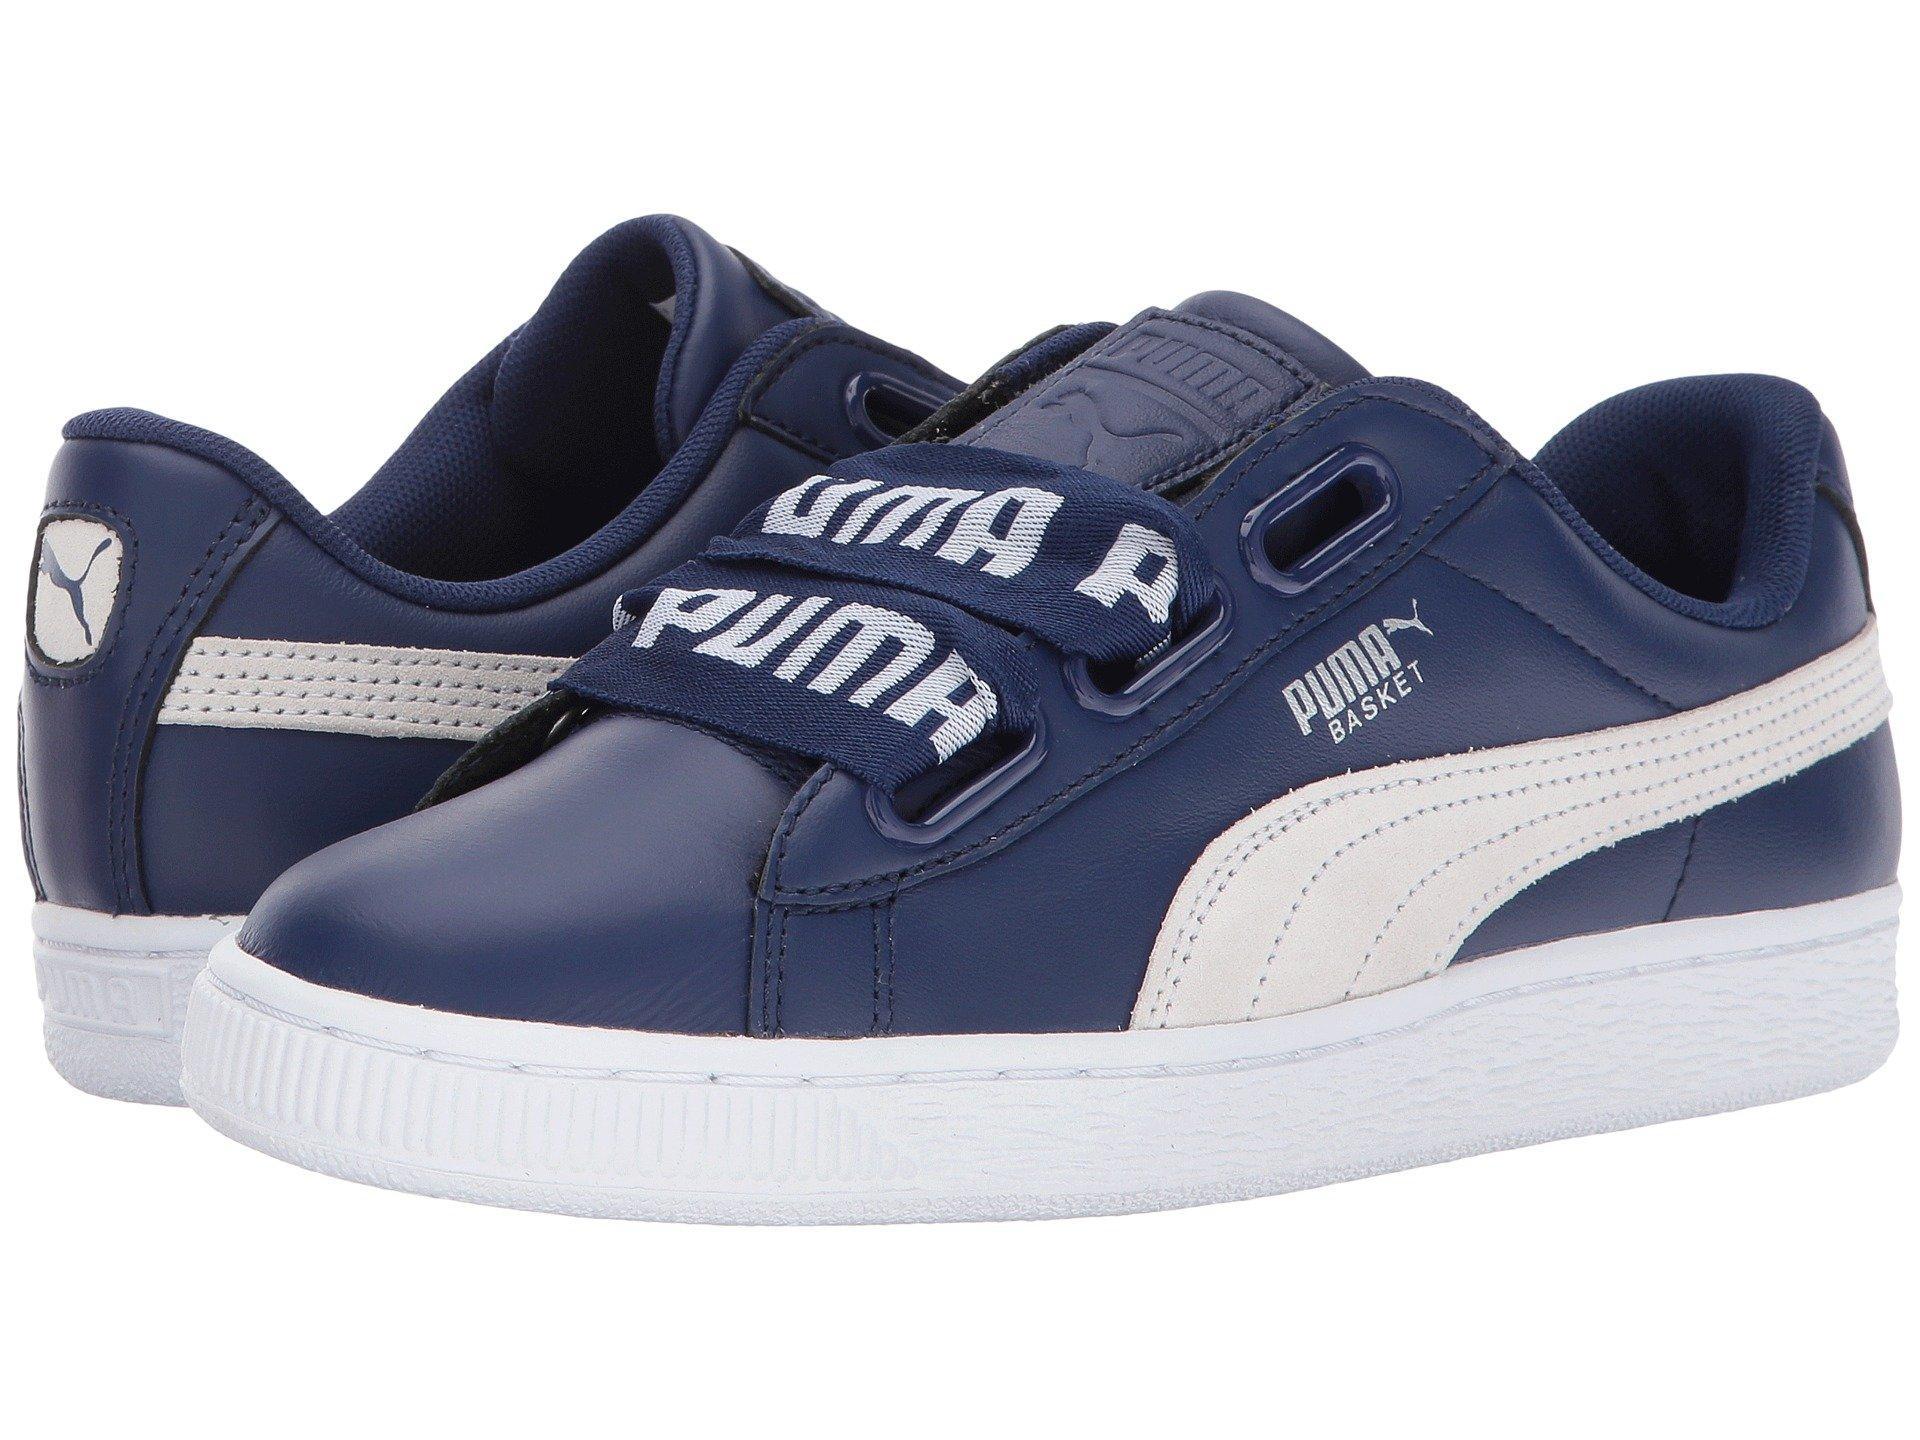 Puma Basket Heart Denim In Blue Depths/ White